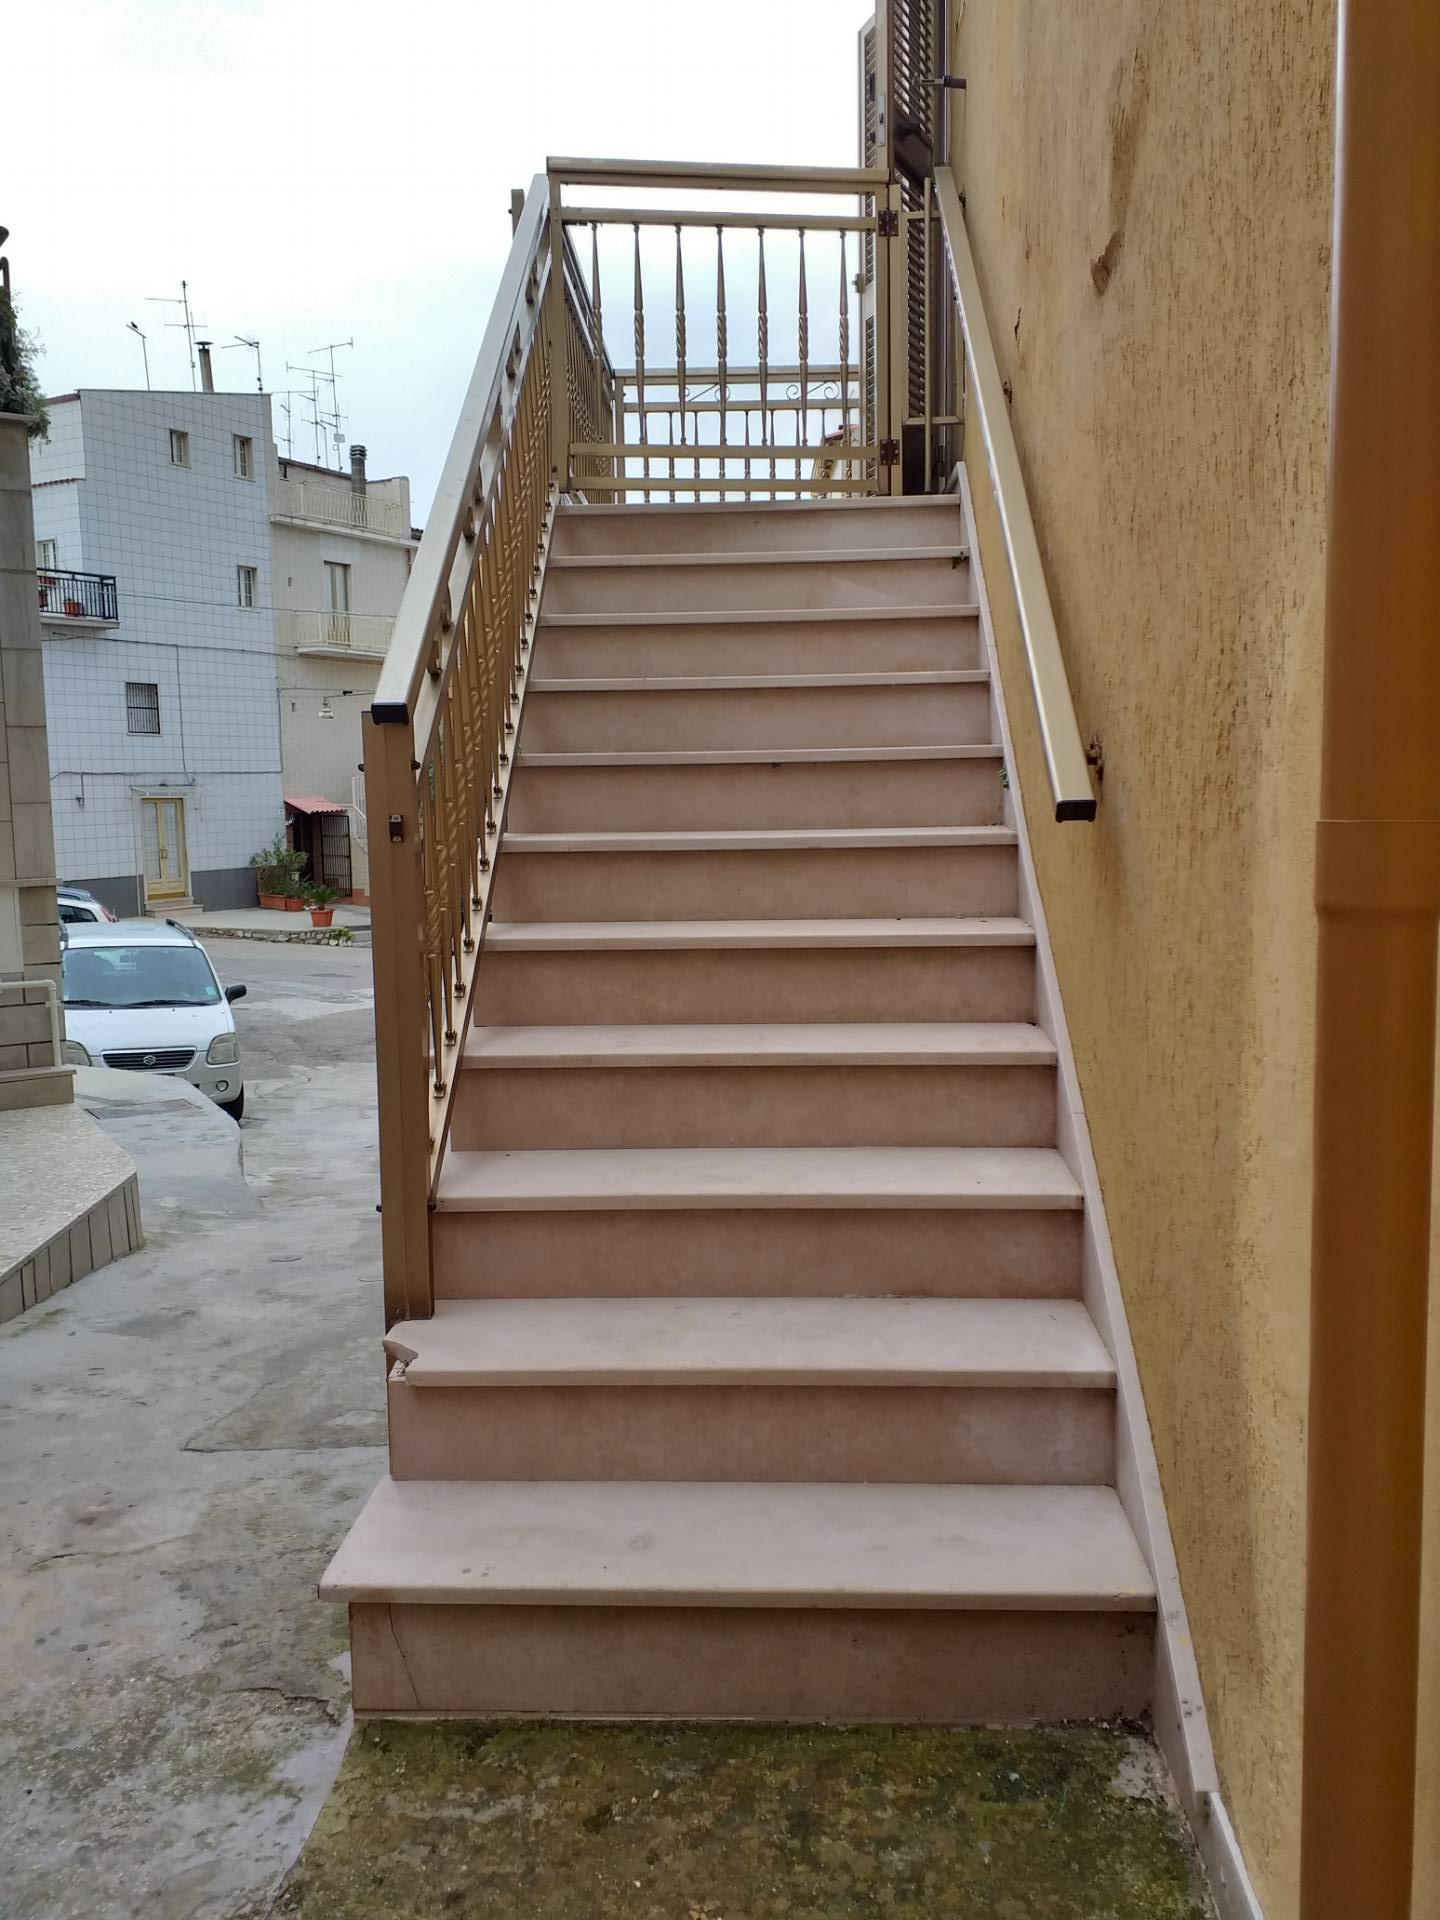 Appartamento in vendita a San Nicandro Garganico, 2 locali, zona Località: CENTRO, prezzo € 22.000 | PortaleAgenzieImmobiliari.it